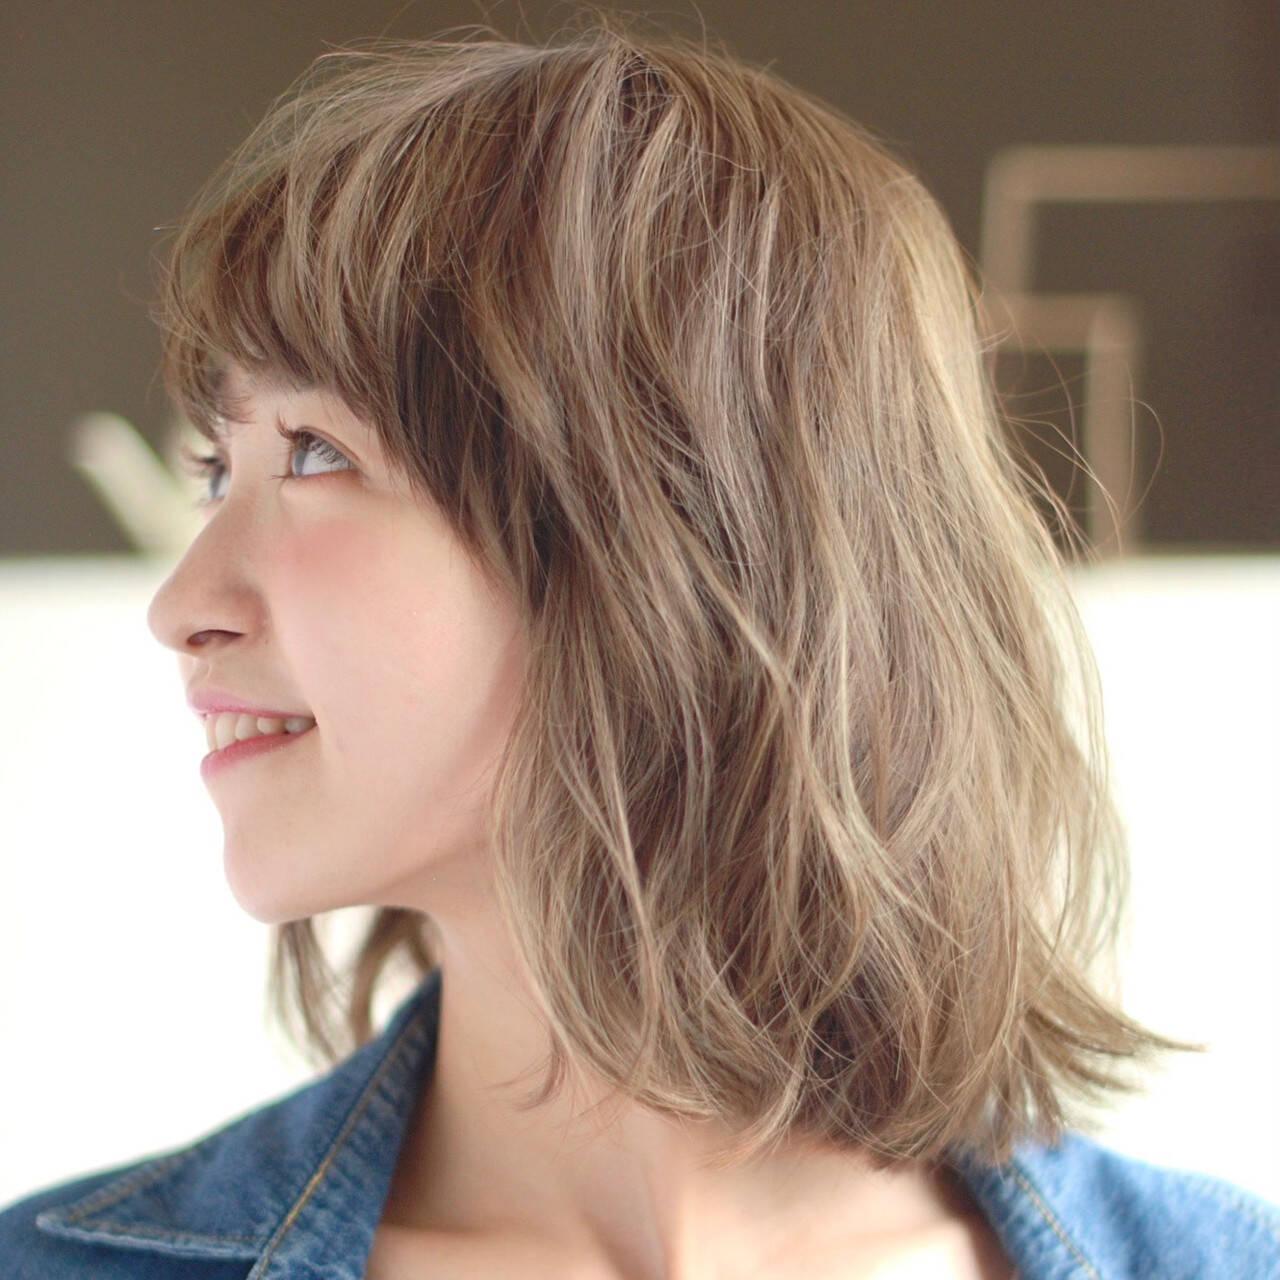 モテ髪 ハイトーンカラー ゆるウェーブ パーマヘアスタイルや髪型の写真・画像